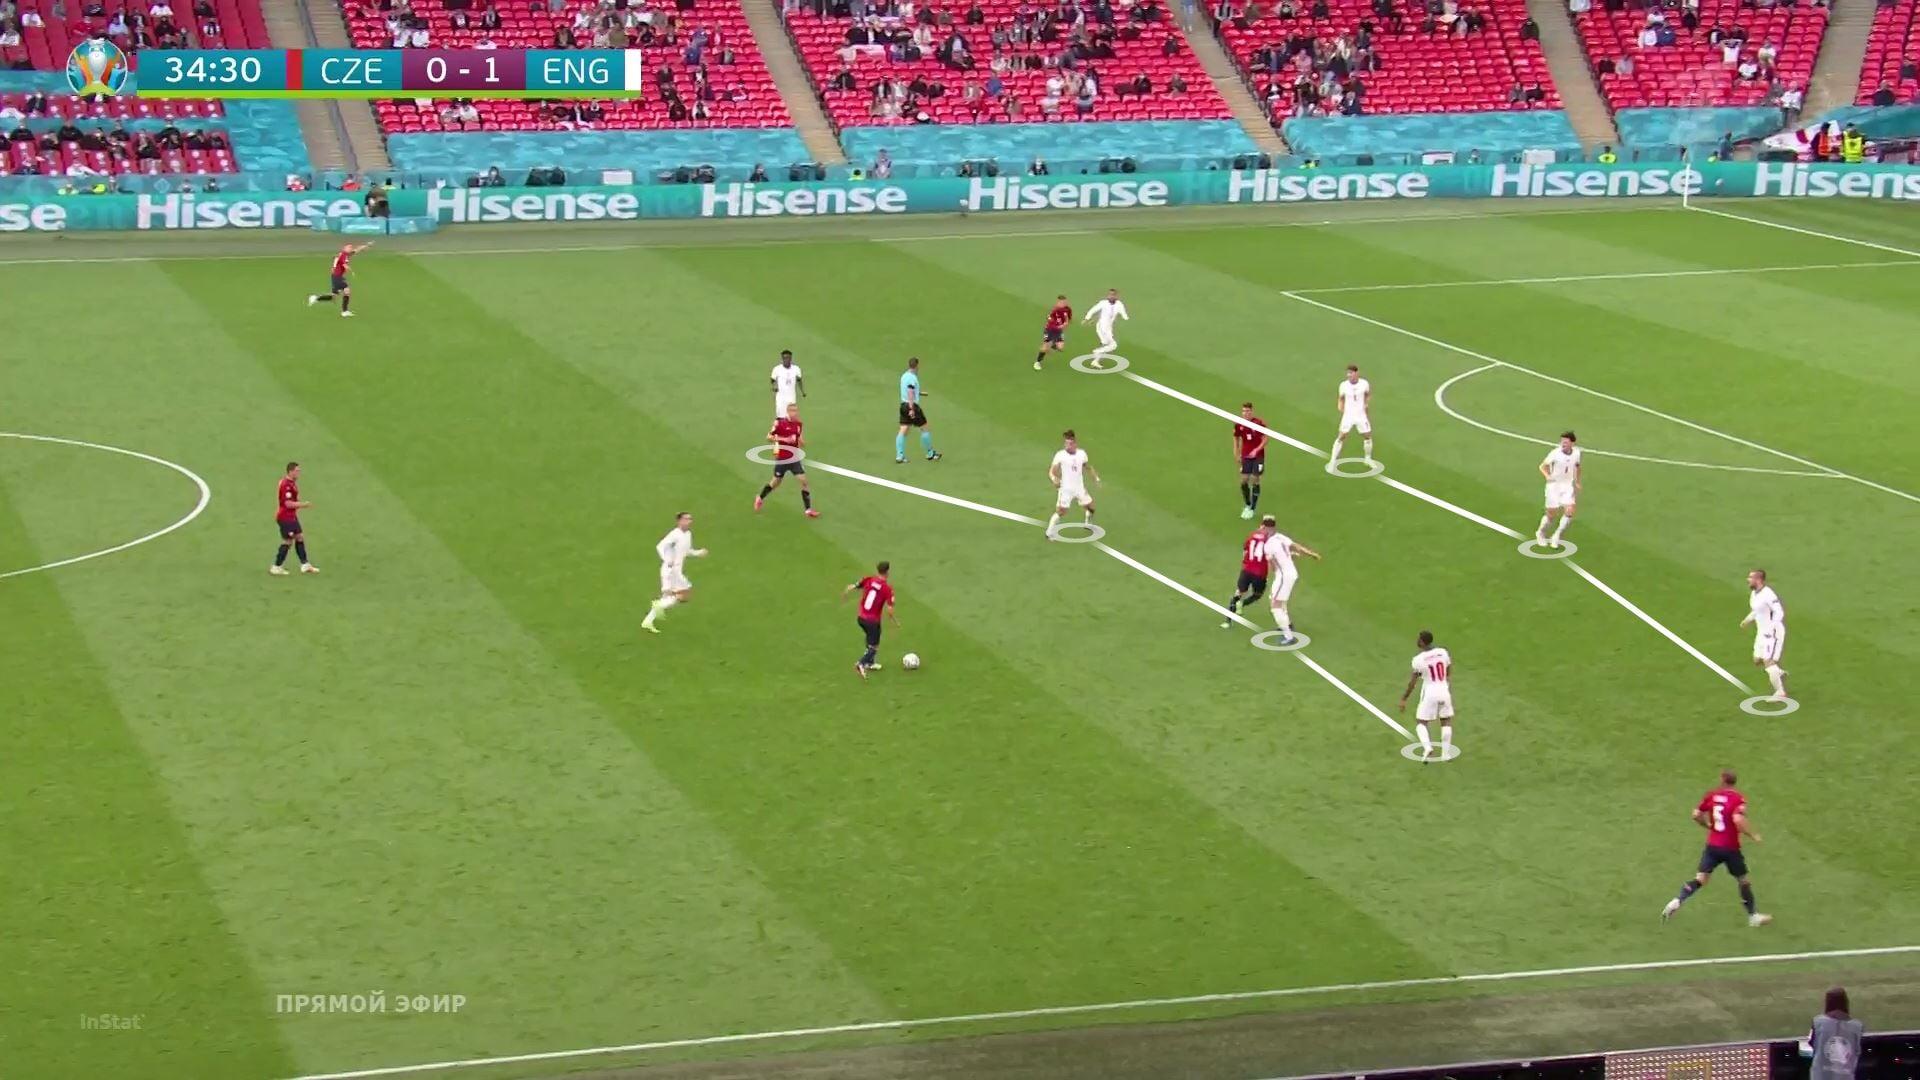 Ура, мы увидели веселые 30 минут от Англии! Старт матча с Чехией был прекрасным, но после гола вернулось уныние